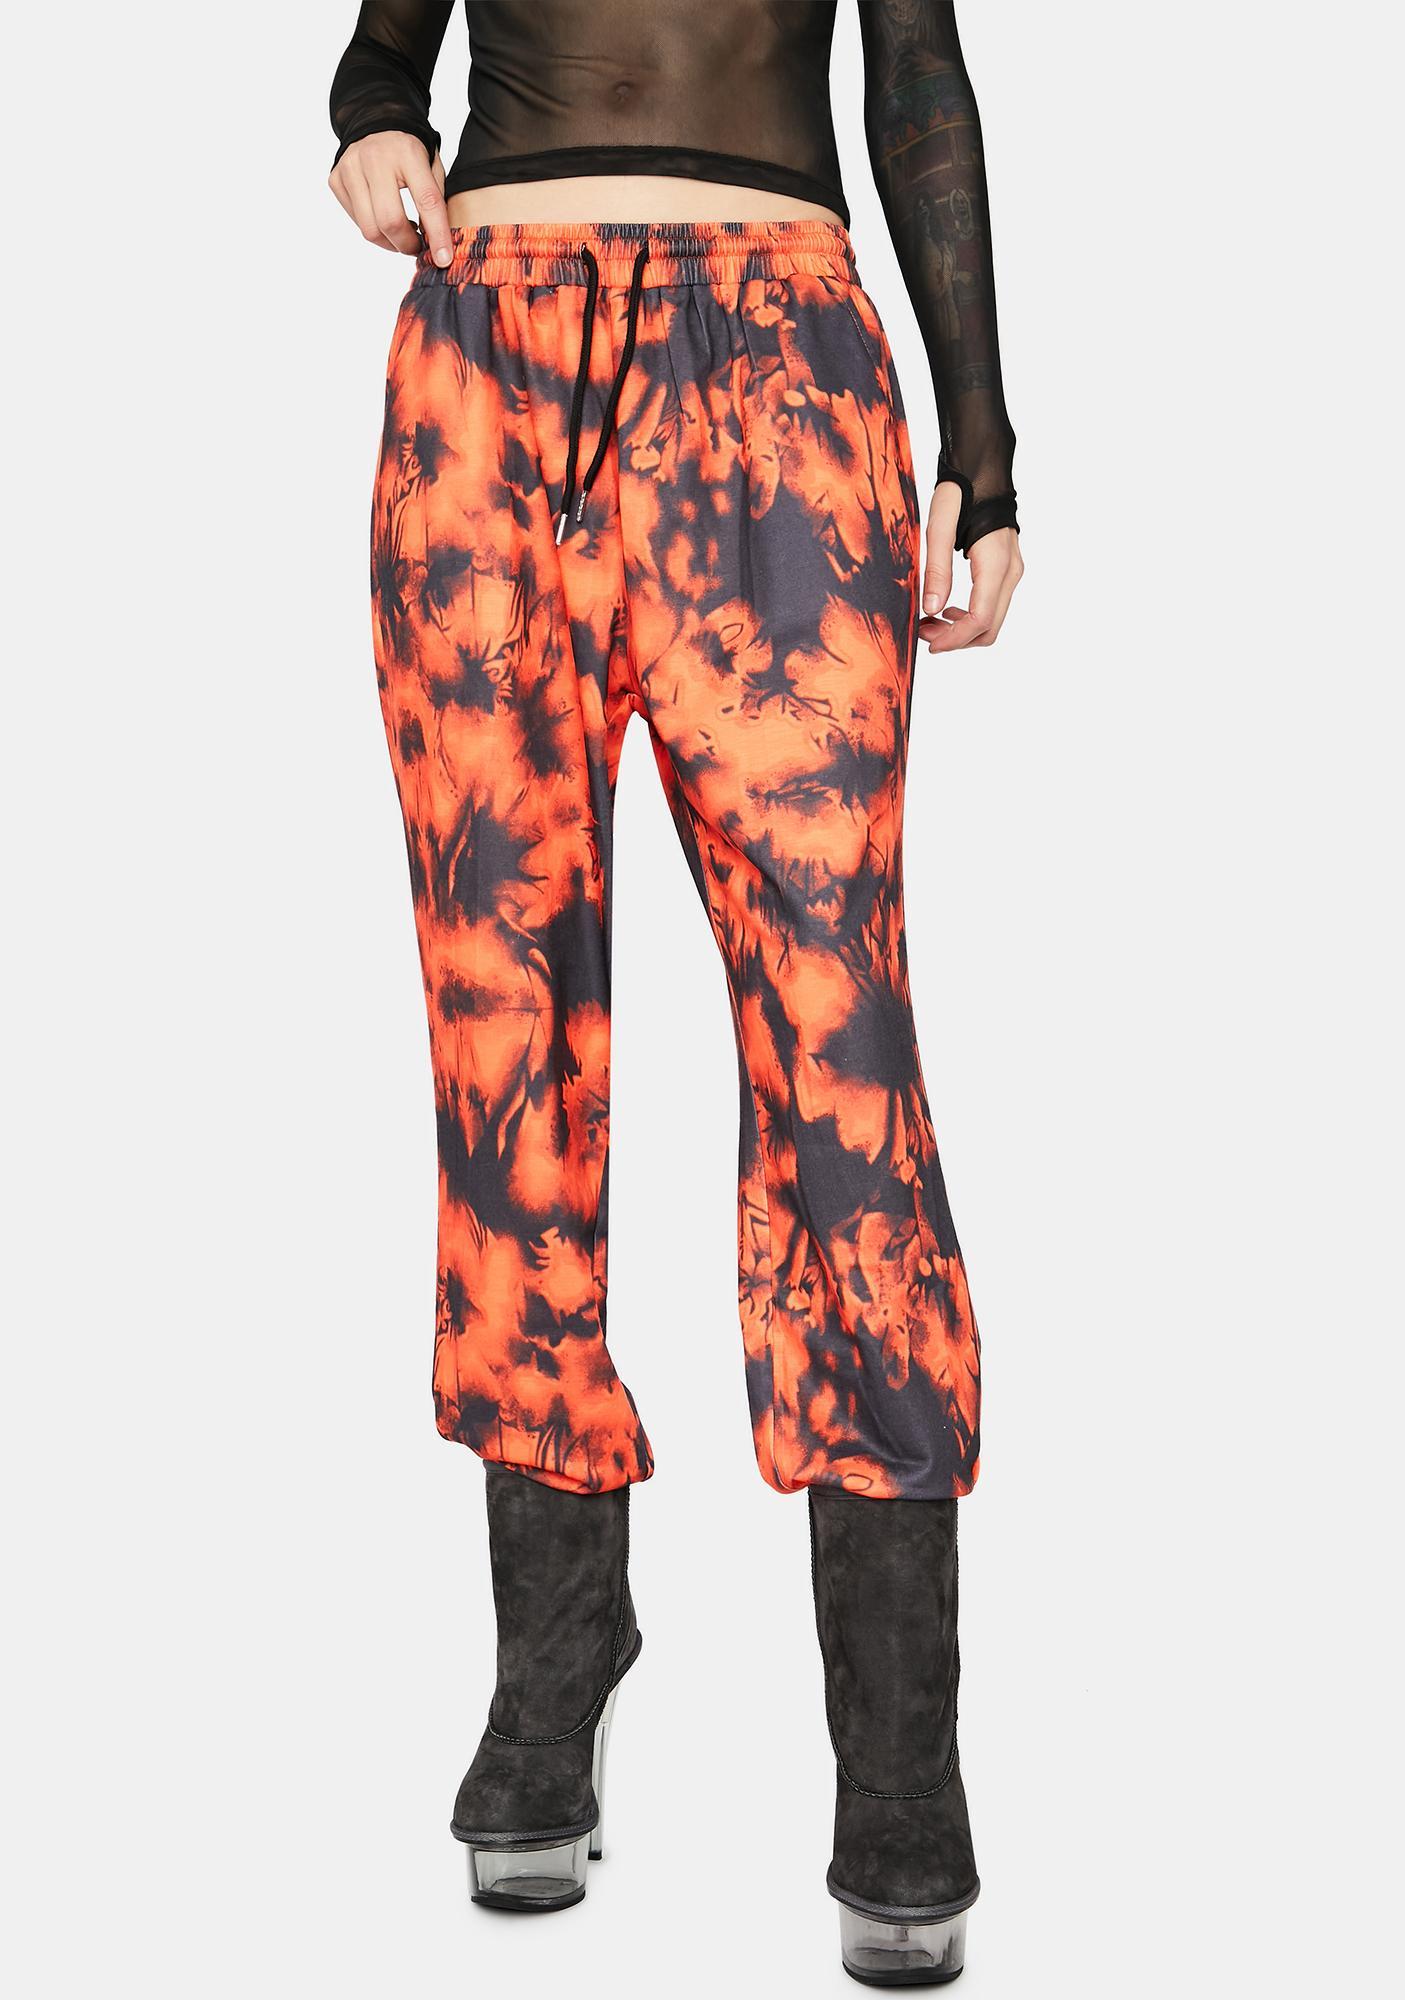 Juicy Mind Tricks Tie Dye Sweatpants